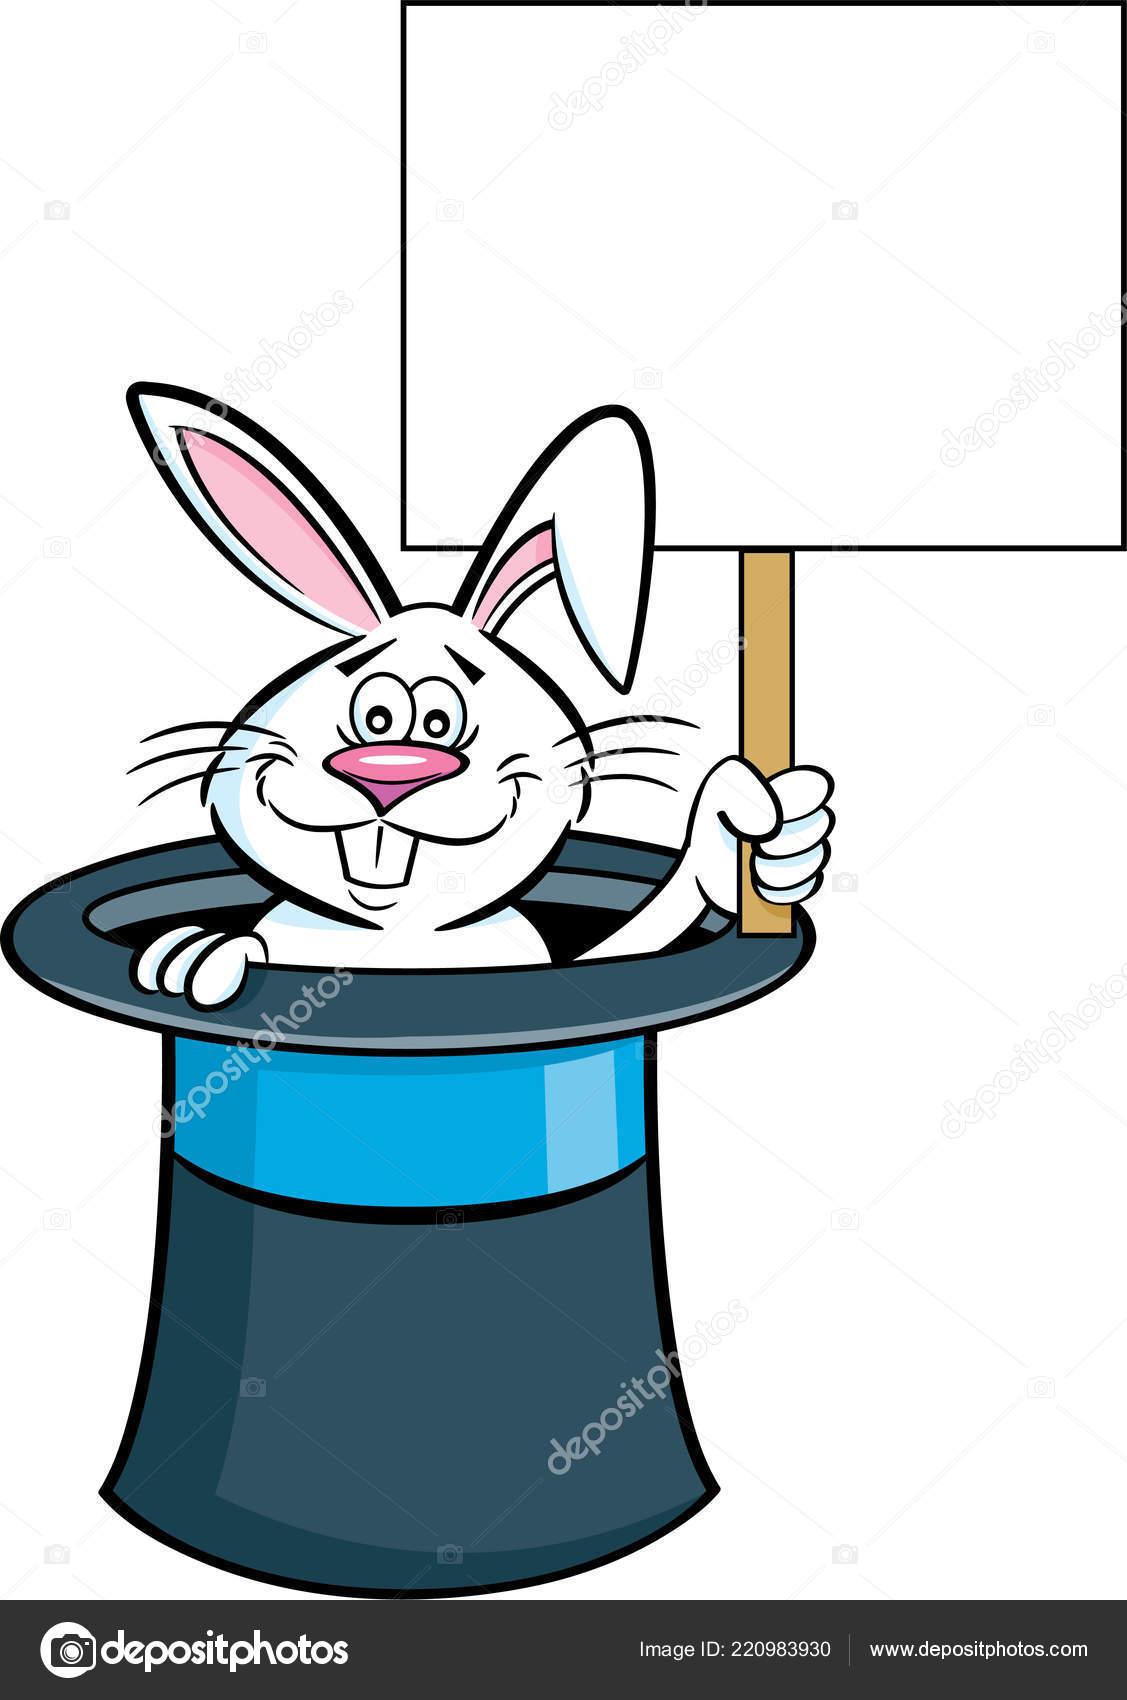 Illustrazione Del Fumetto Coniglio Cappello Cilindro Che Tiene Segno —  Vettoriale Stock d52b370f40a9